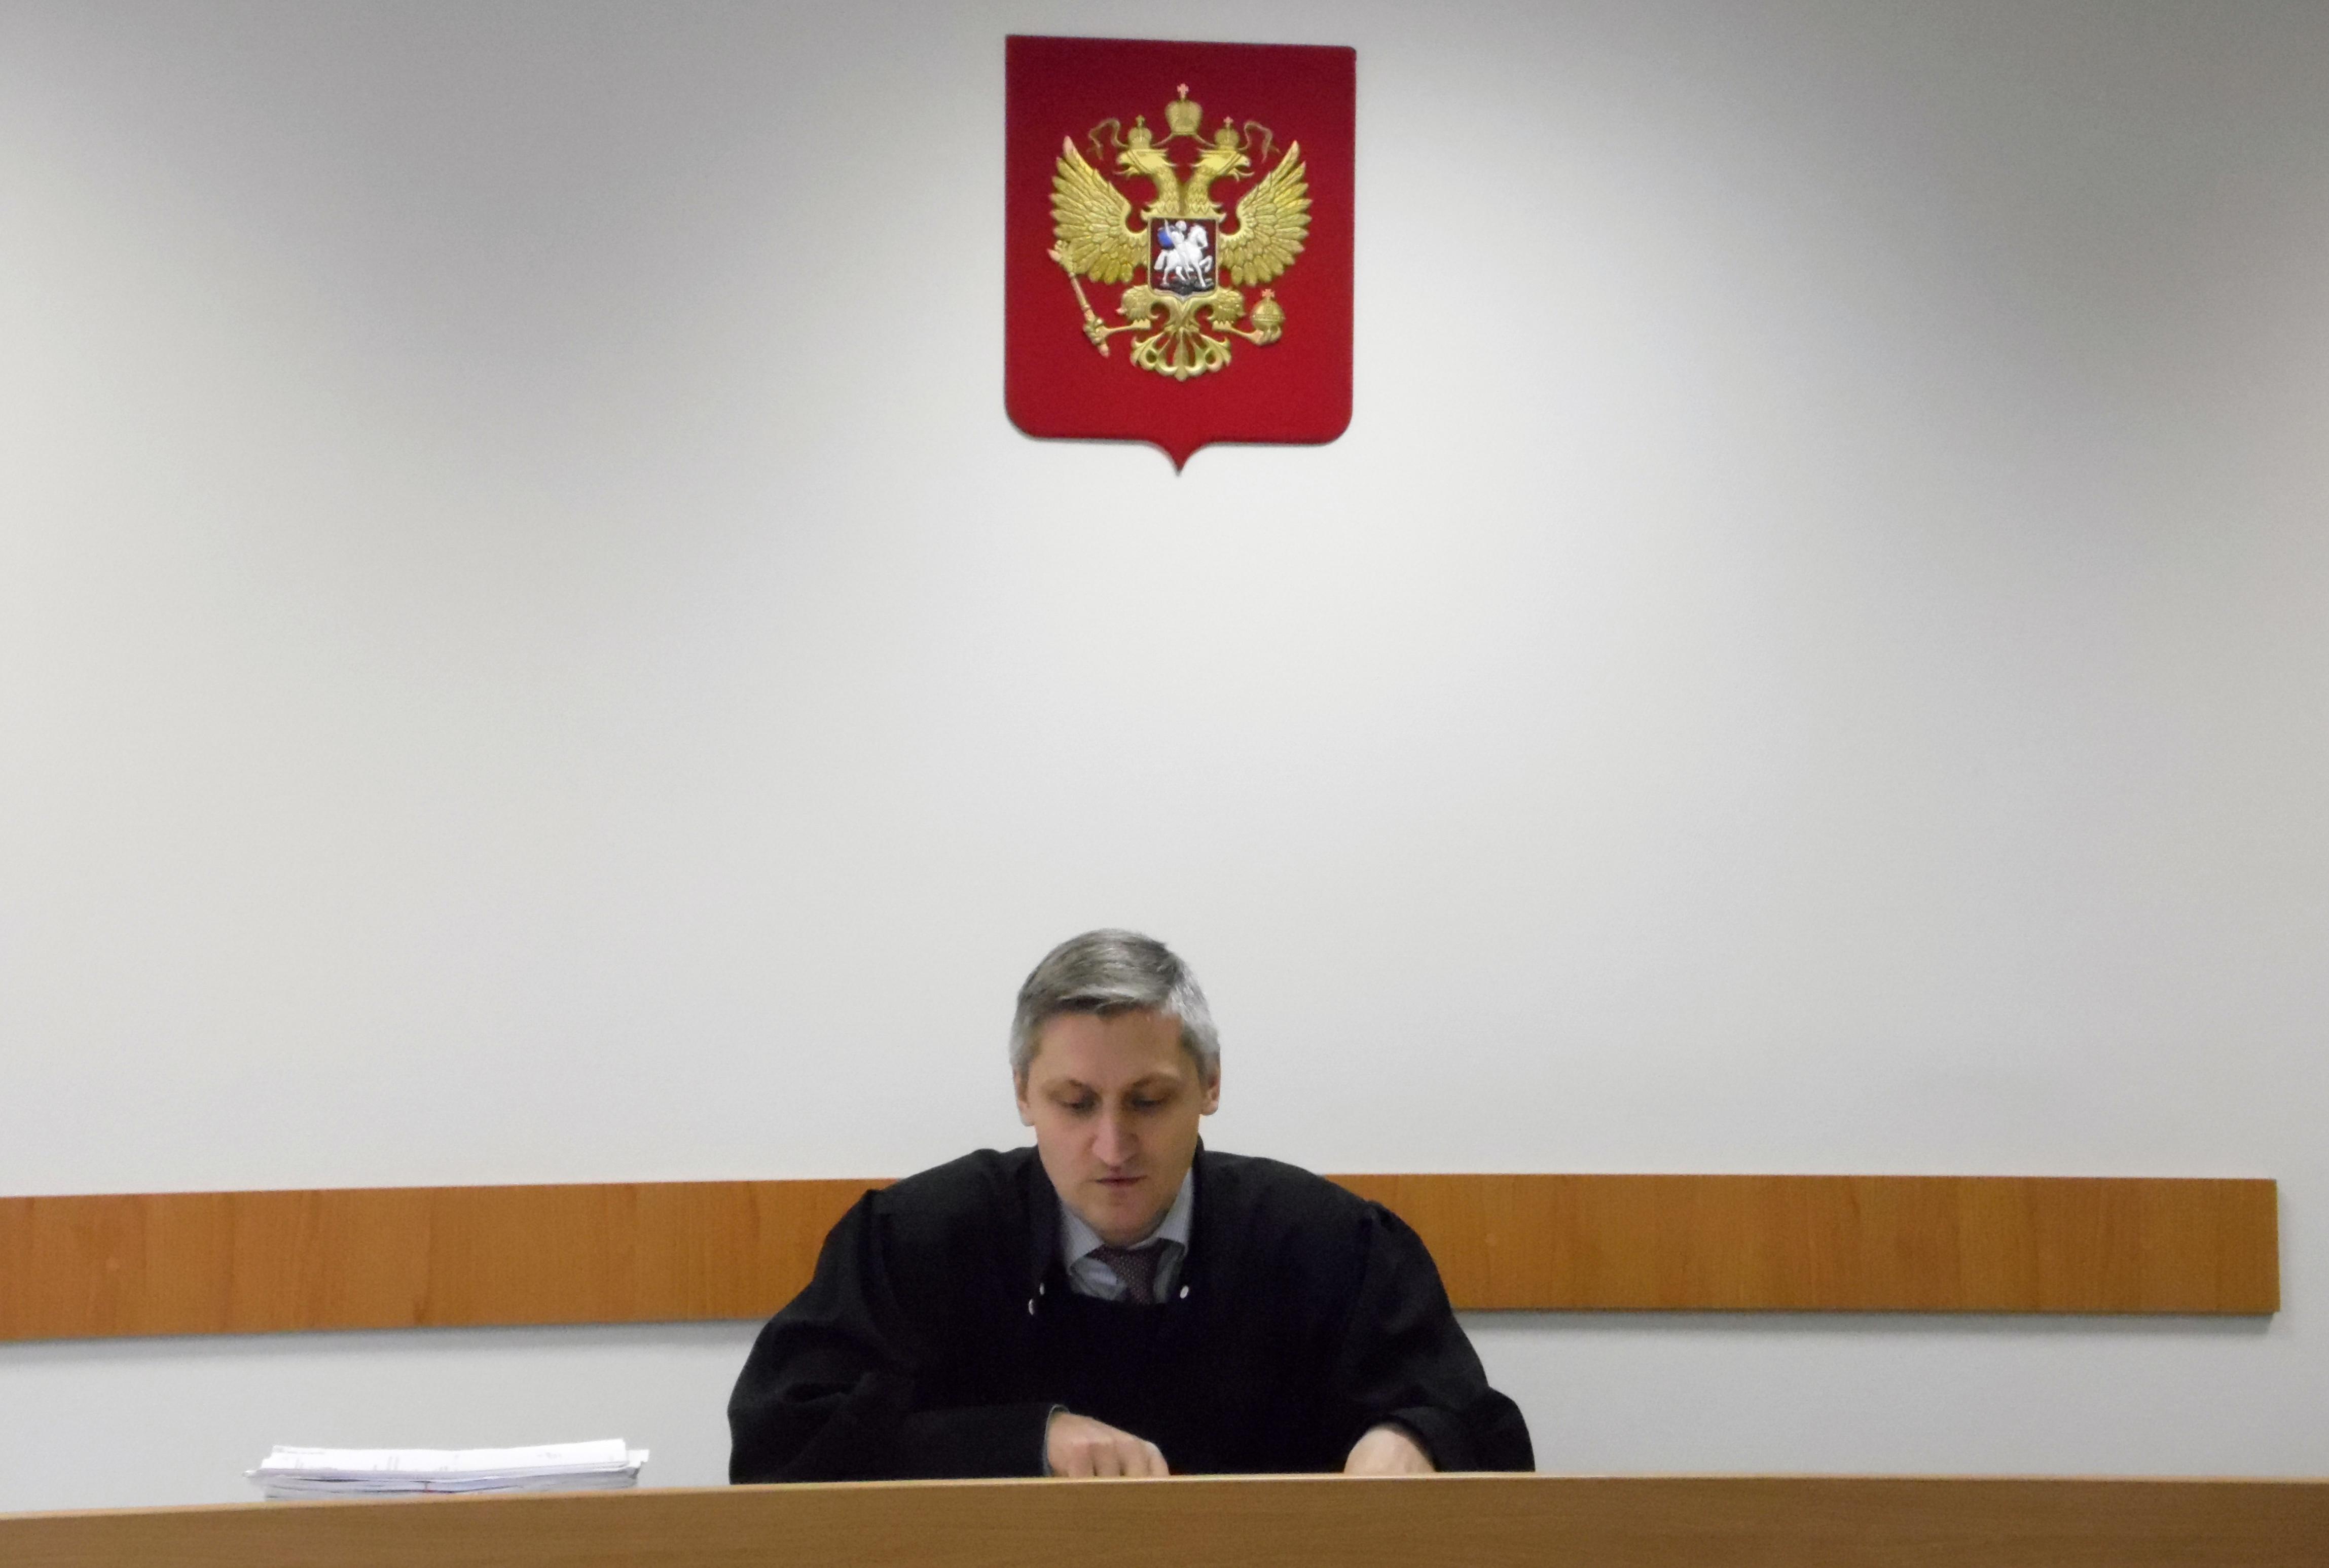 Рассмотрение иска защитников Сунского бора было перенесено в Петрозаводский городской суд. Фото: Алексей Владимиров